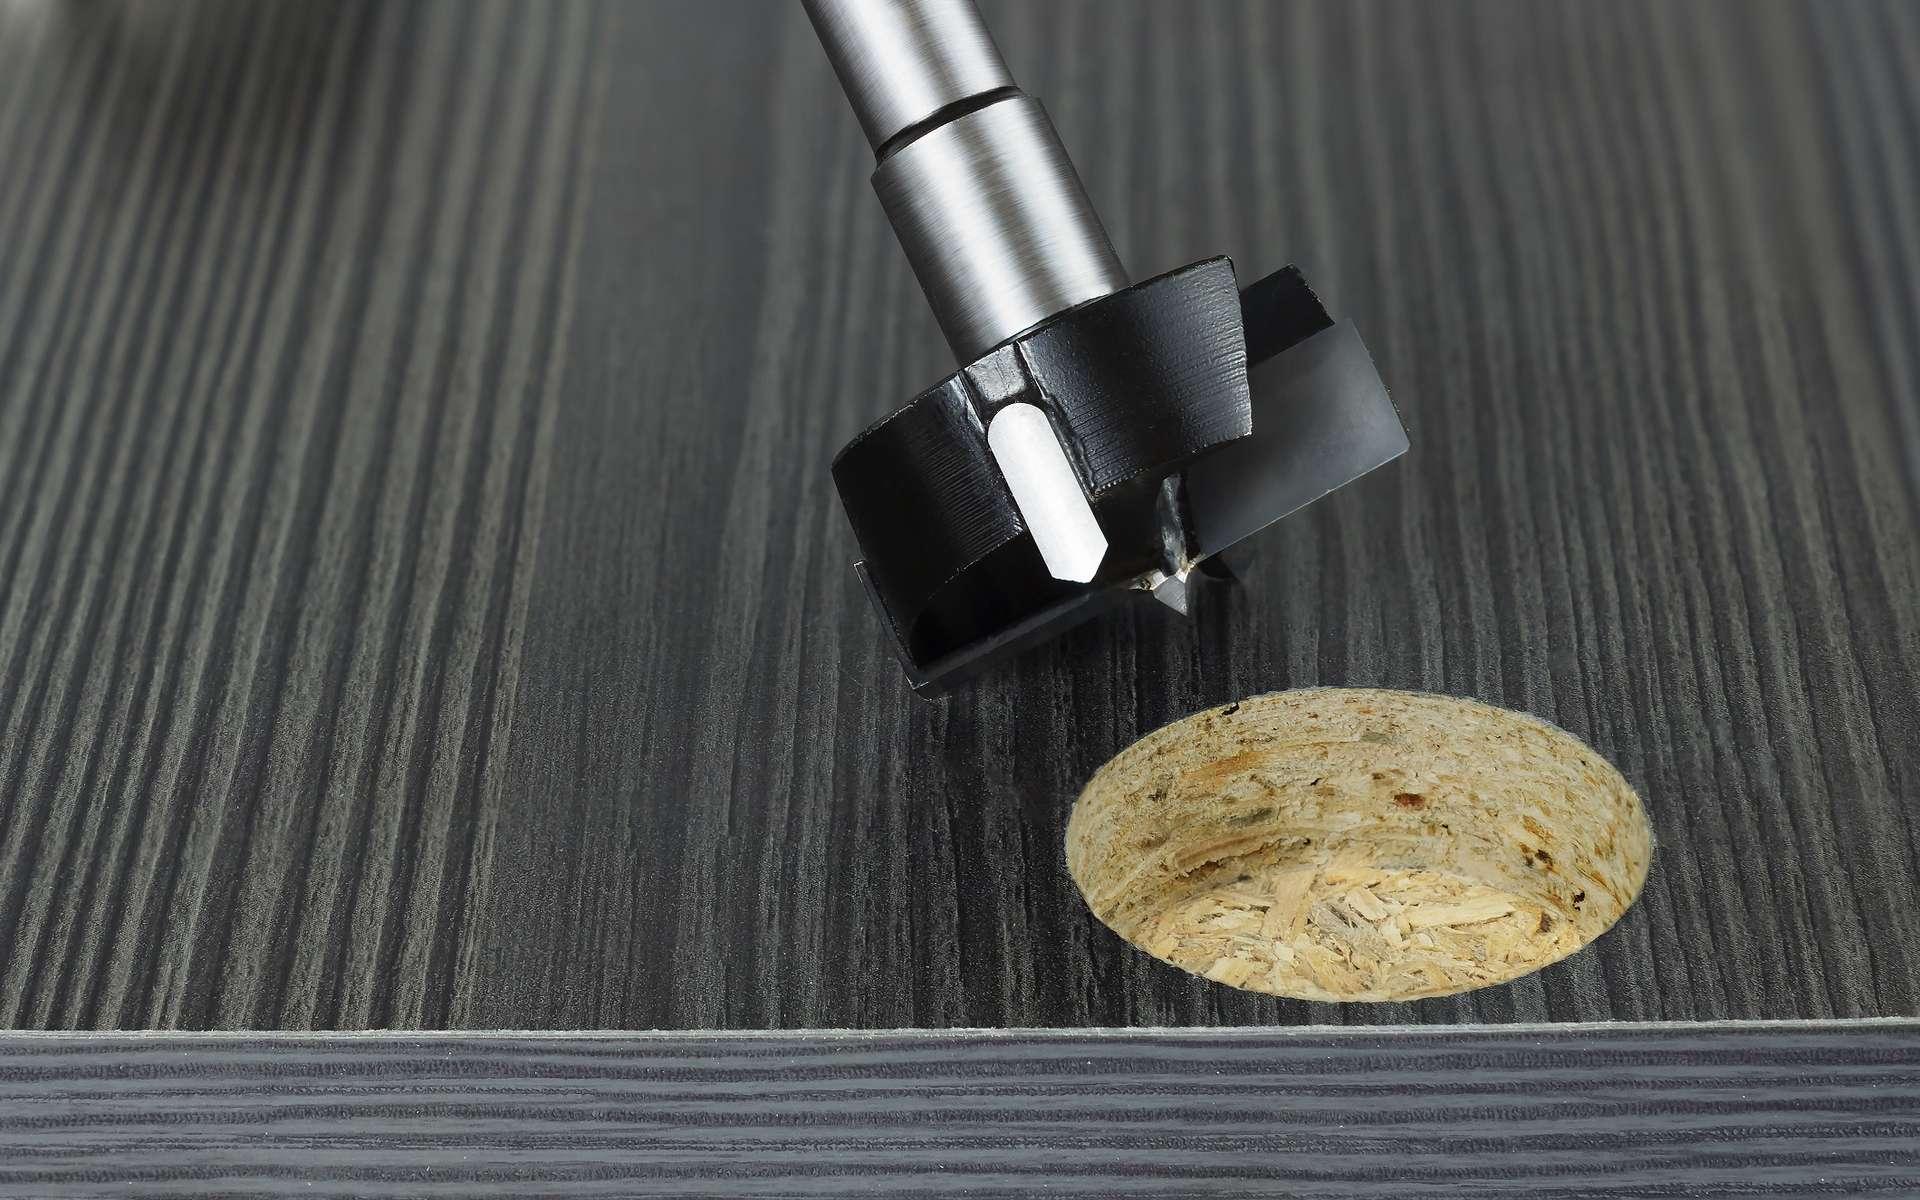 Charnières, taquets, vis... percer le bois mélaminé peut endommager le parement adhésif et créer des éclats disgracieux. Pour éviter ce désagrément, il est conseillé de protéger la surface du bois. © Alexiuz, Adobe Stock